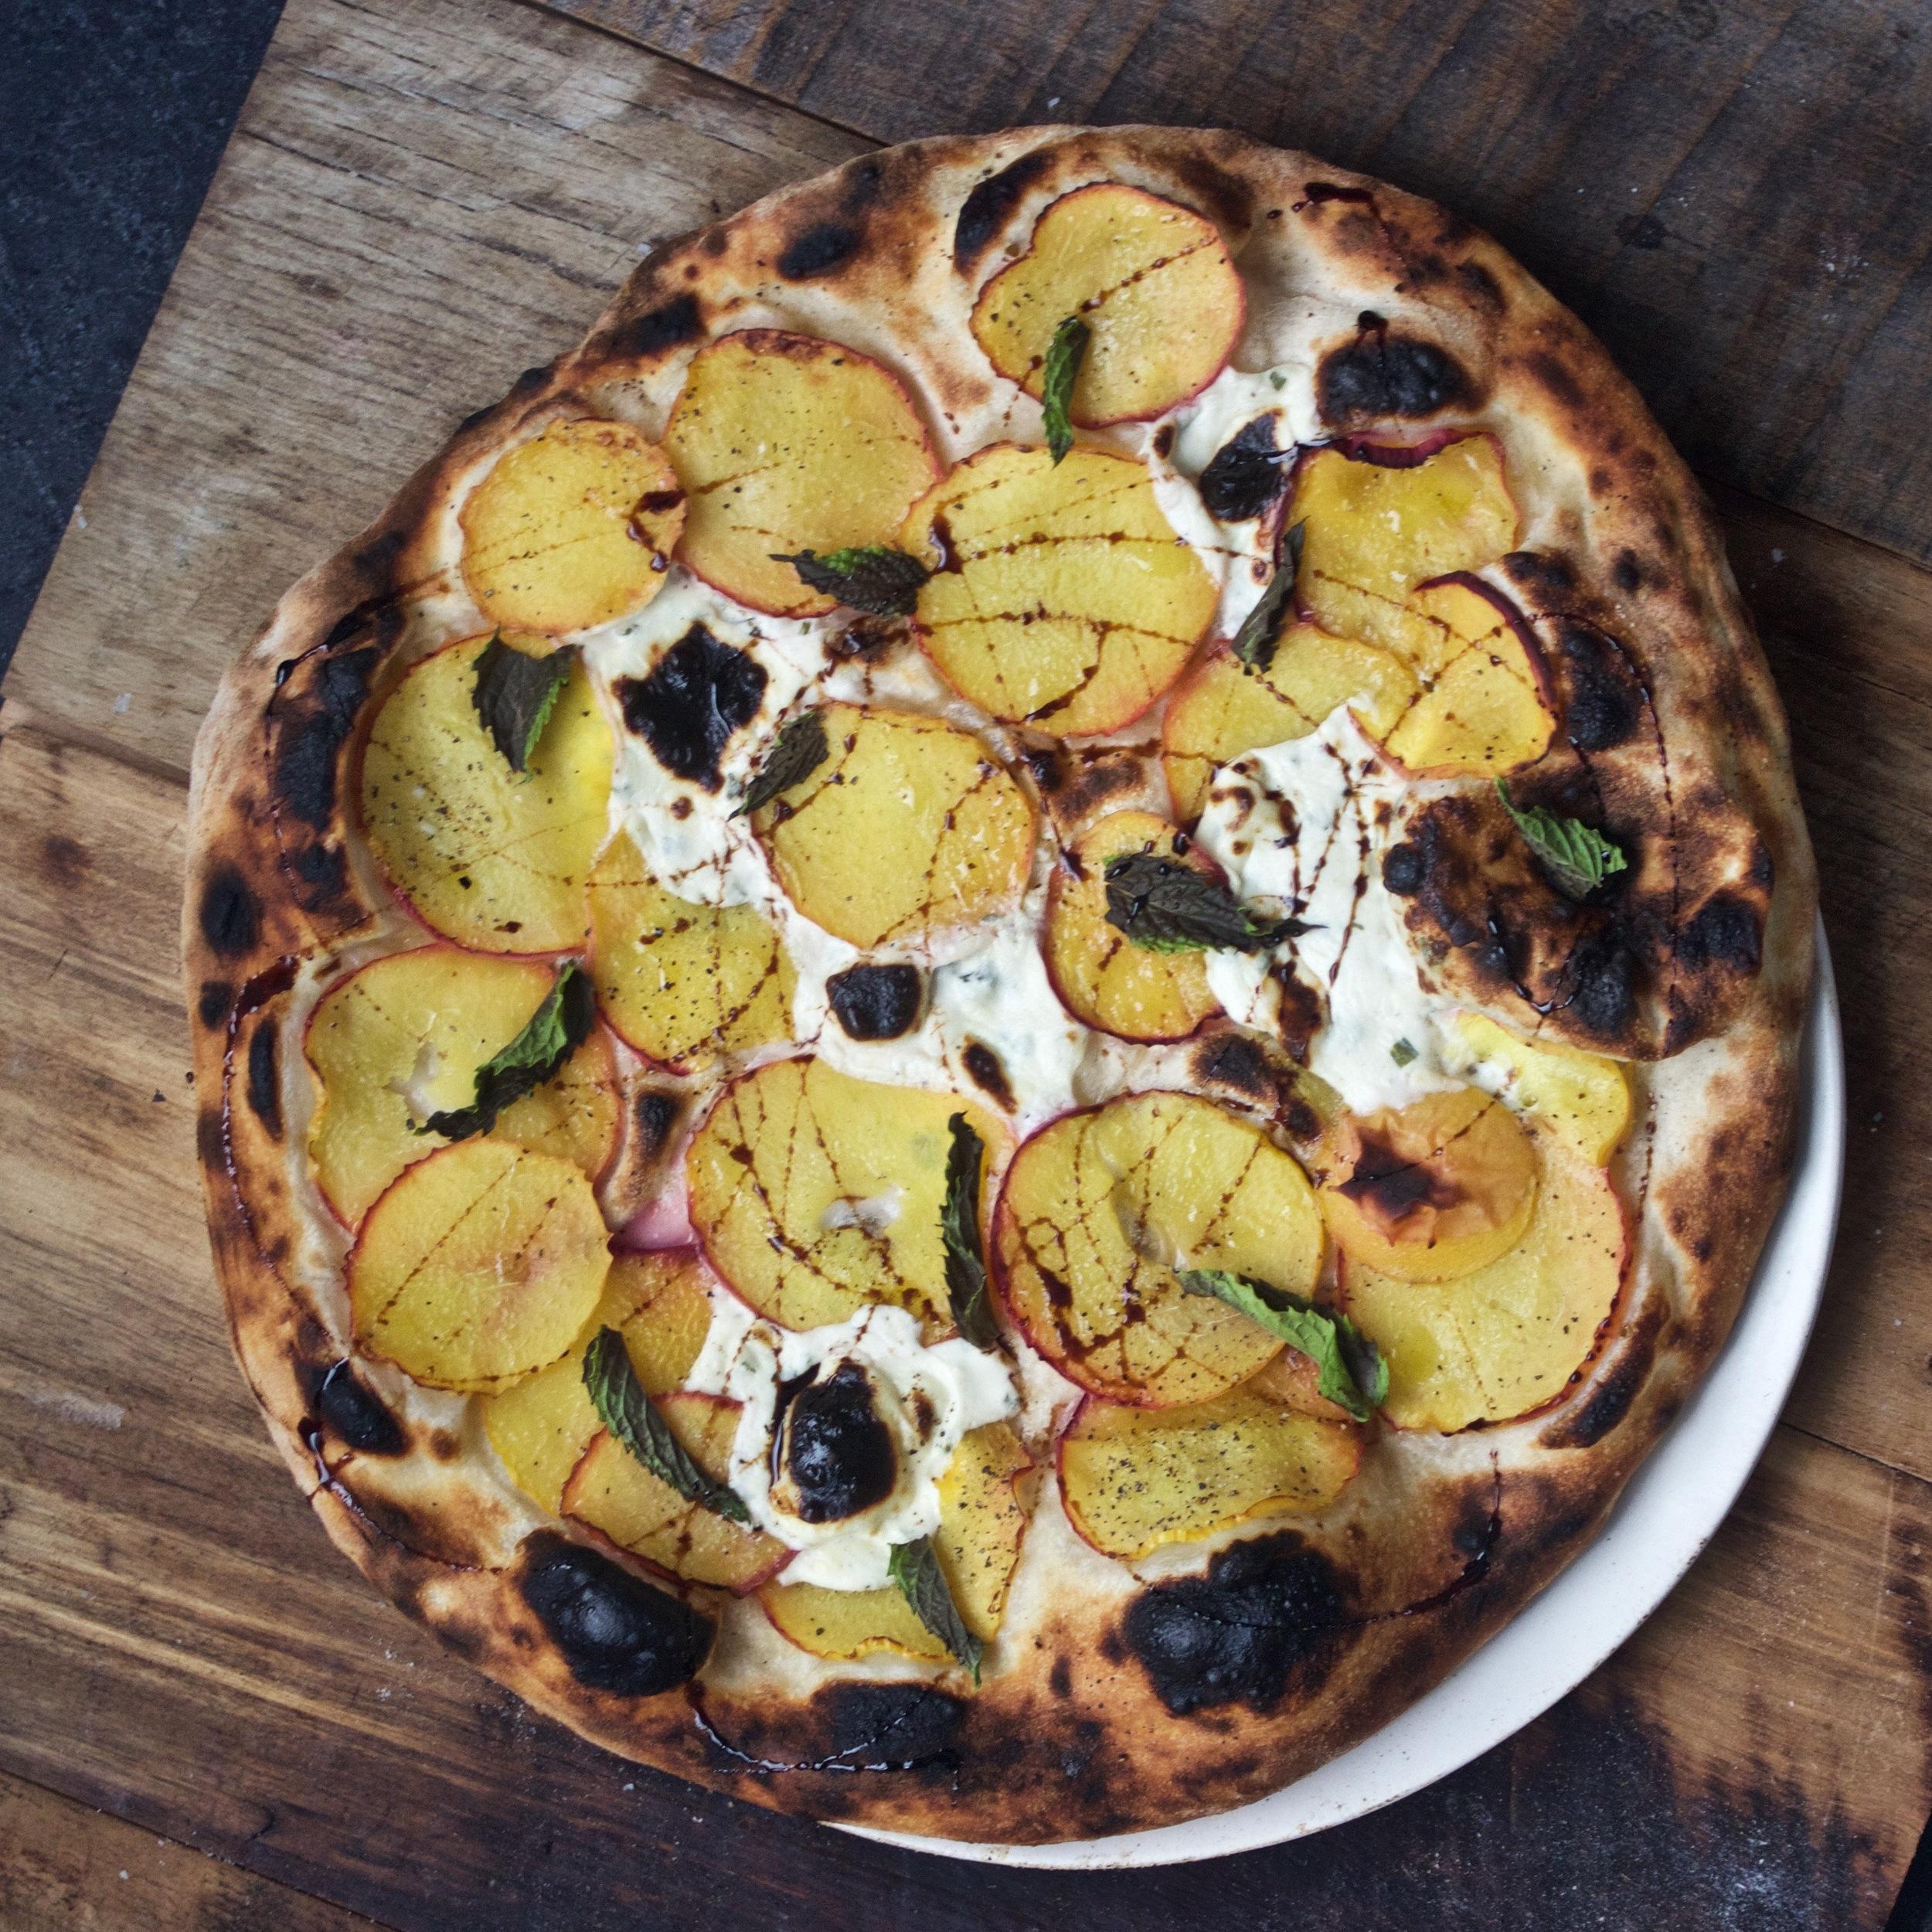 Peach Pizza at home